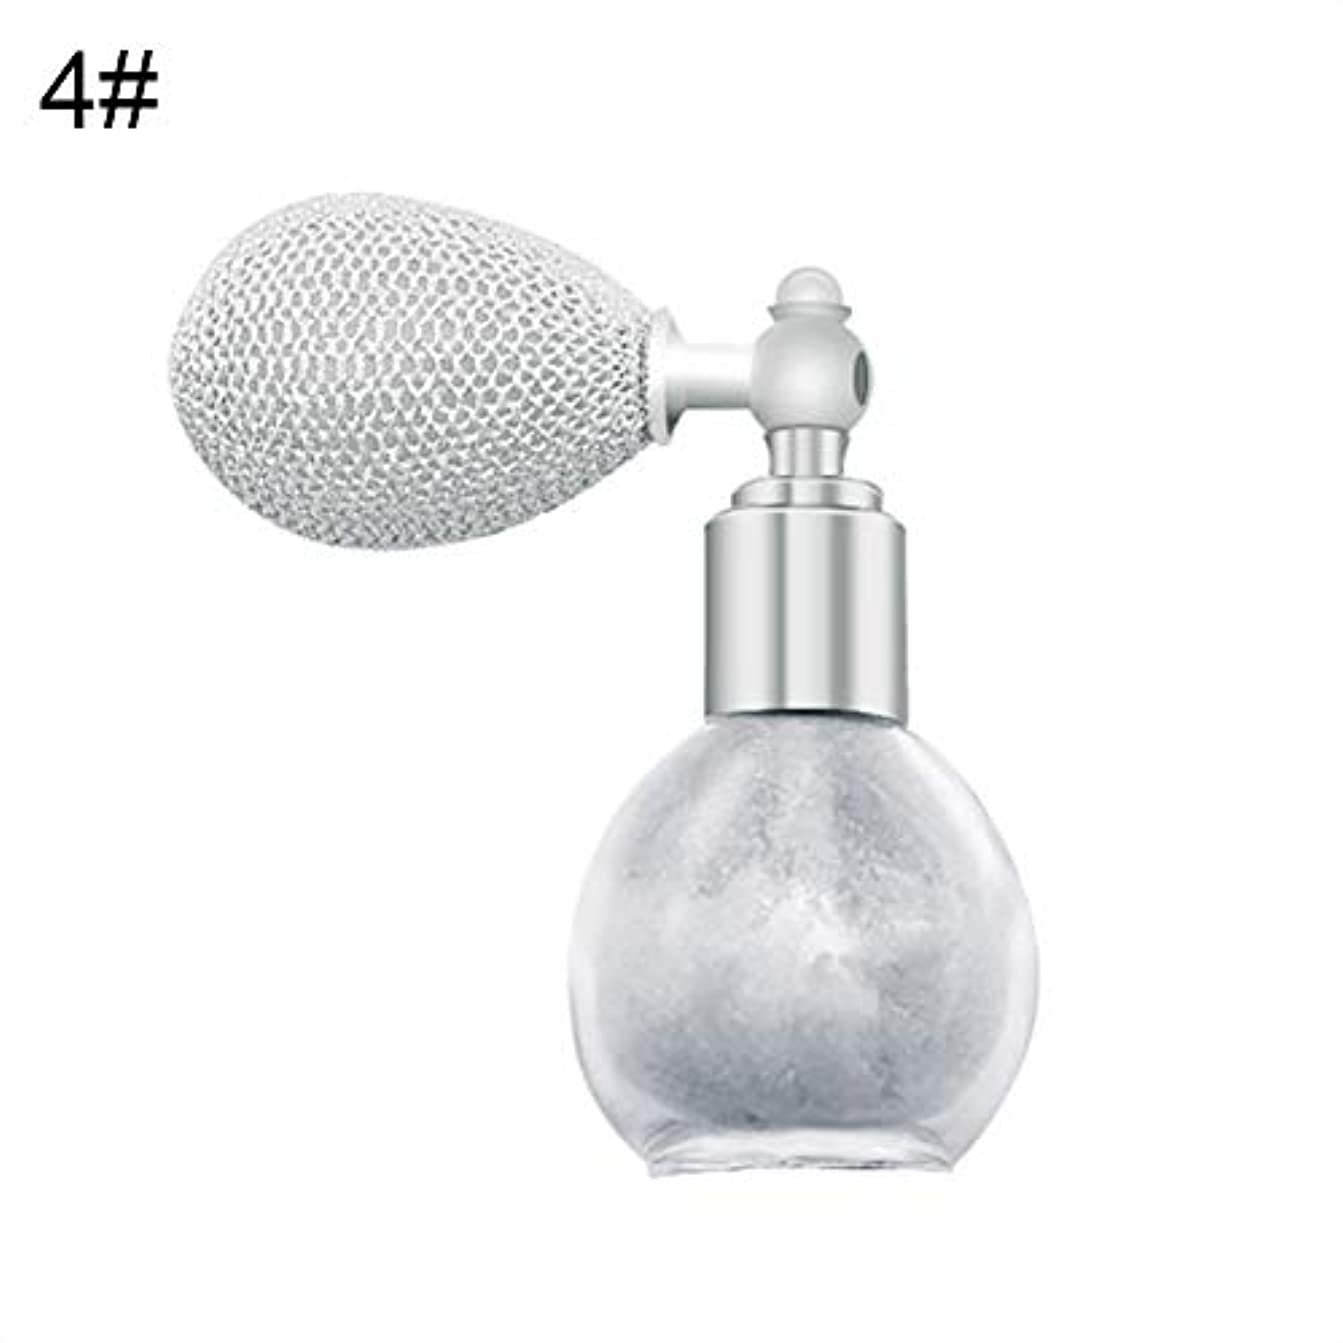 メリー花瓶ゲストFANA女性美容エアバッグスプレーフレグランスグリッターハイライトパウダー化粧品 - 4#